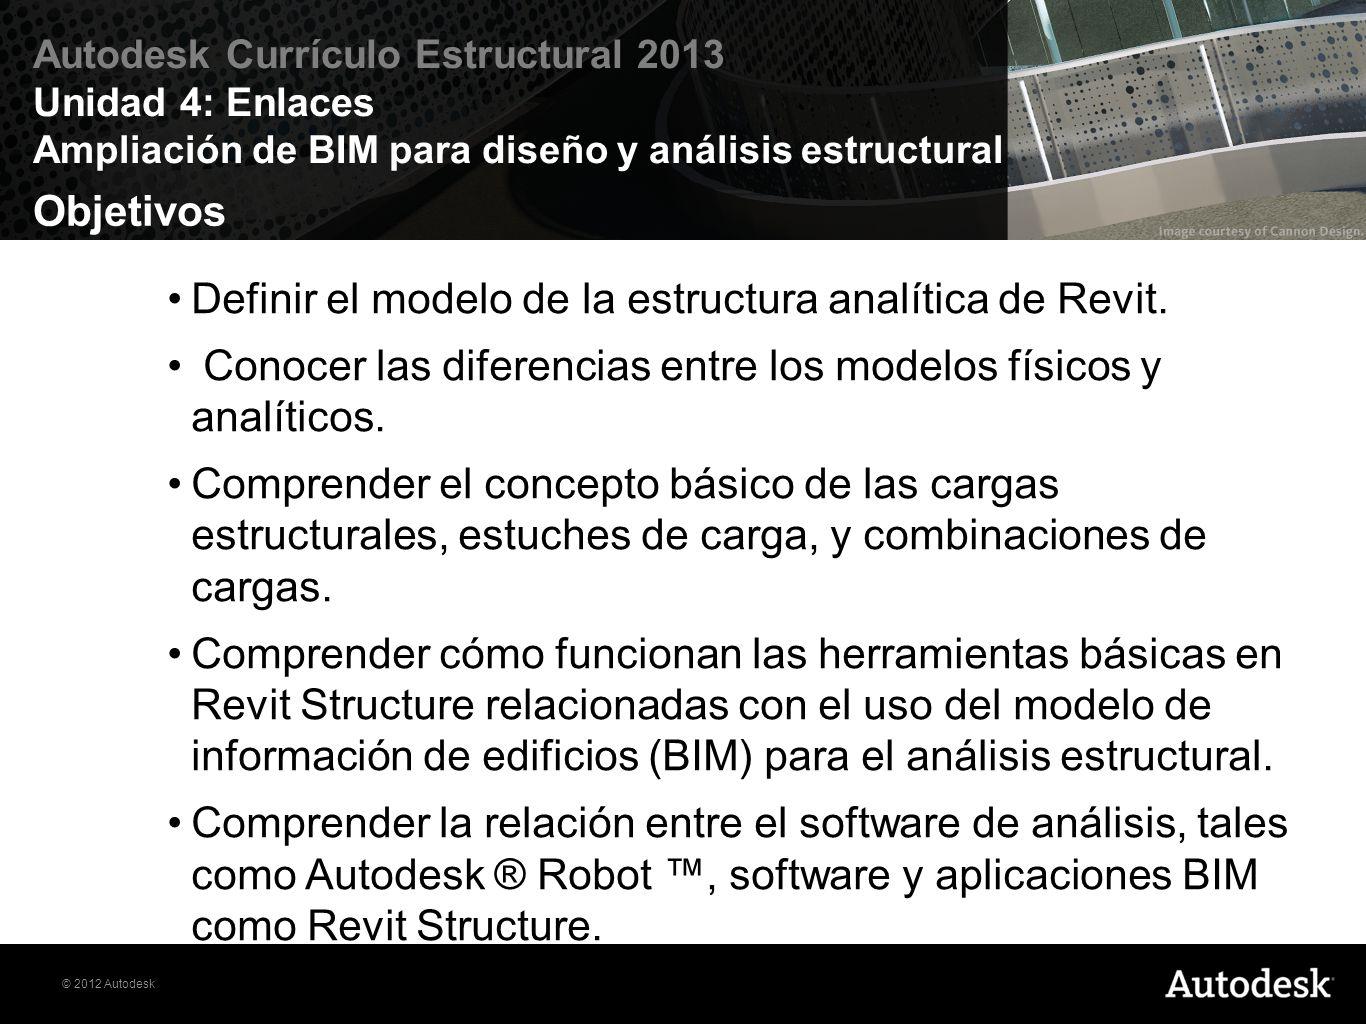 Objetivos Definir el modelo de la estructura analítica de Revit. Conocer las diferencias entre los modelos físicos y analíticos.